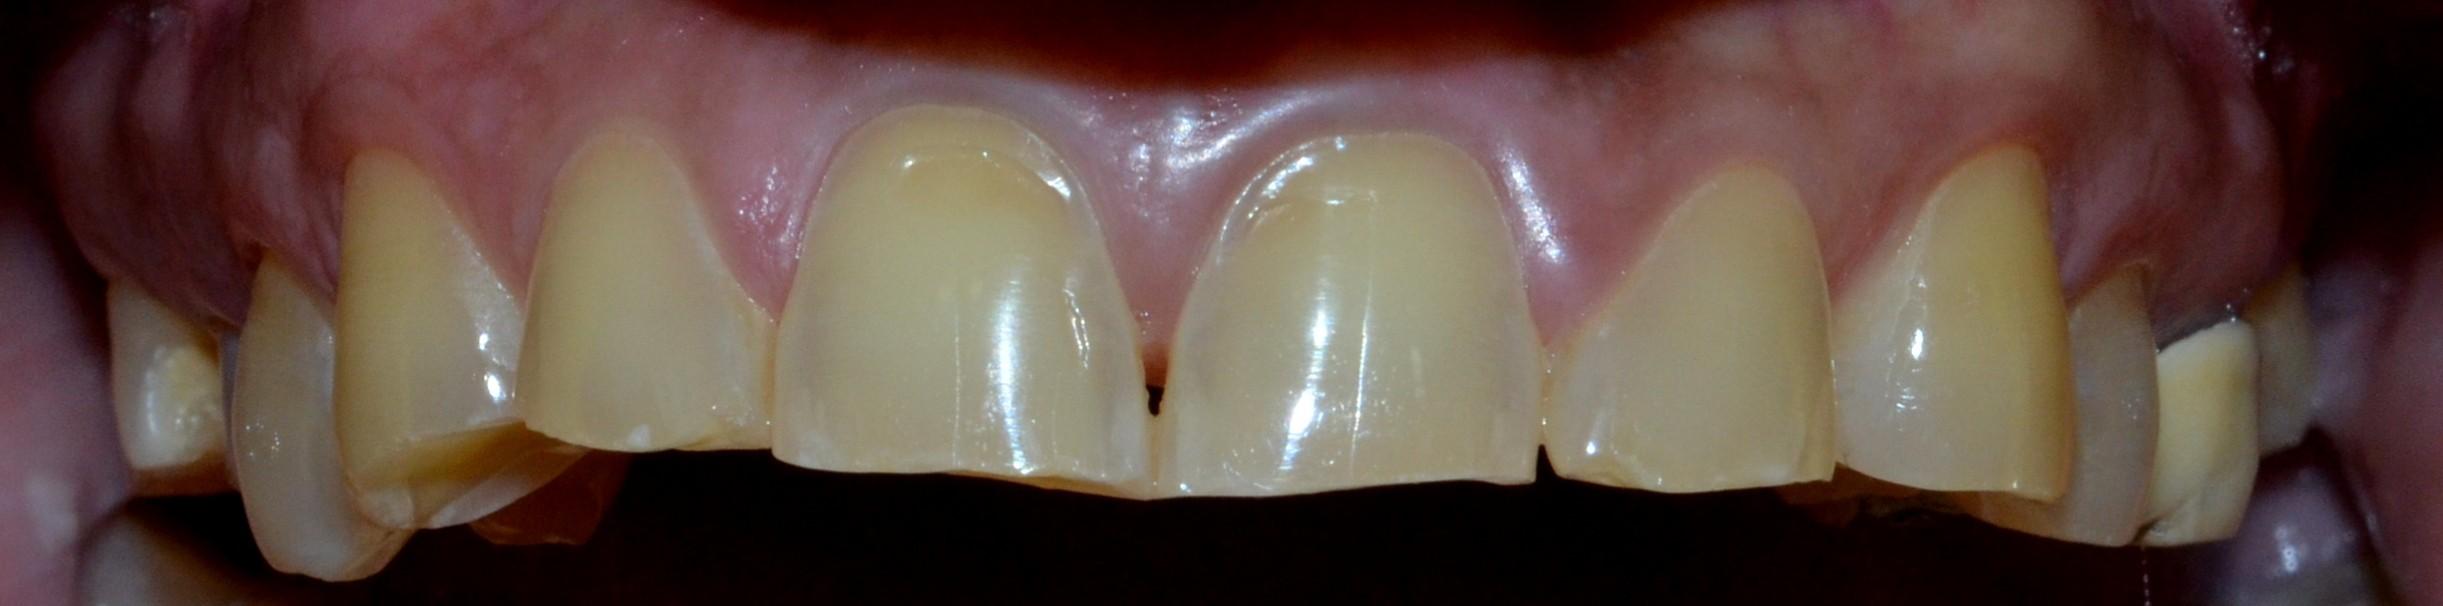 Before (upper teeth)